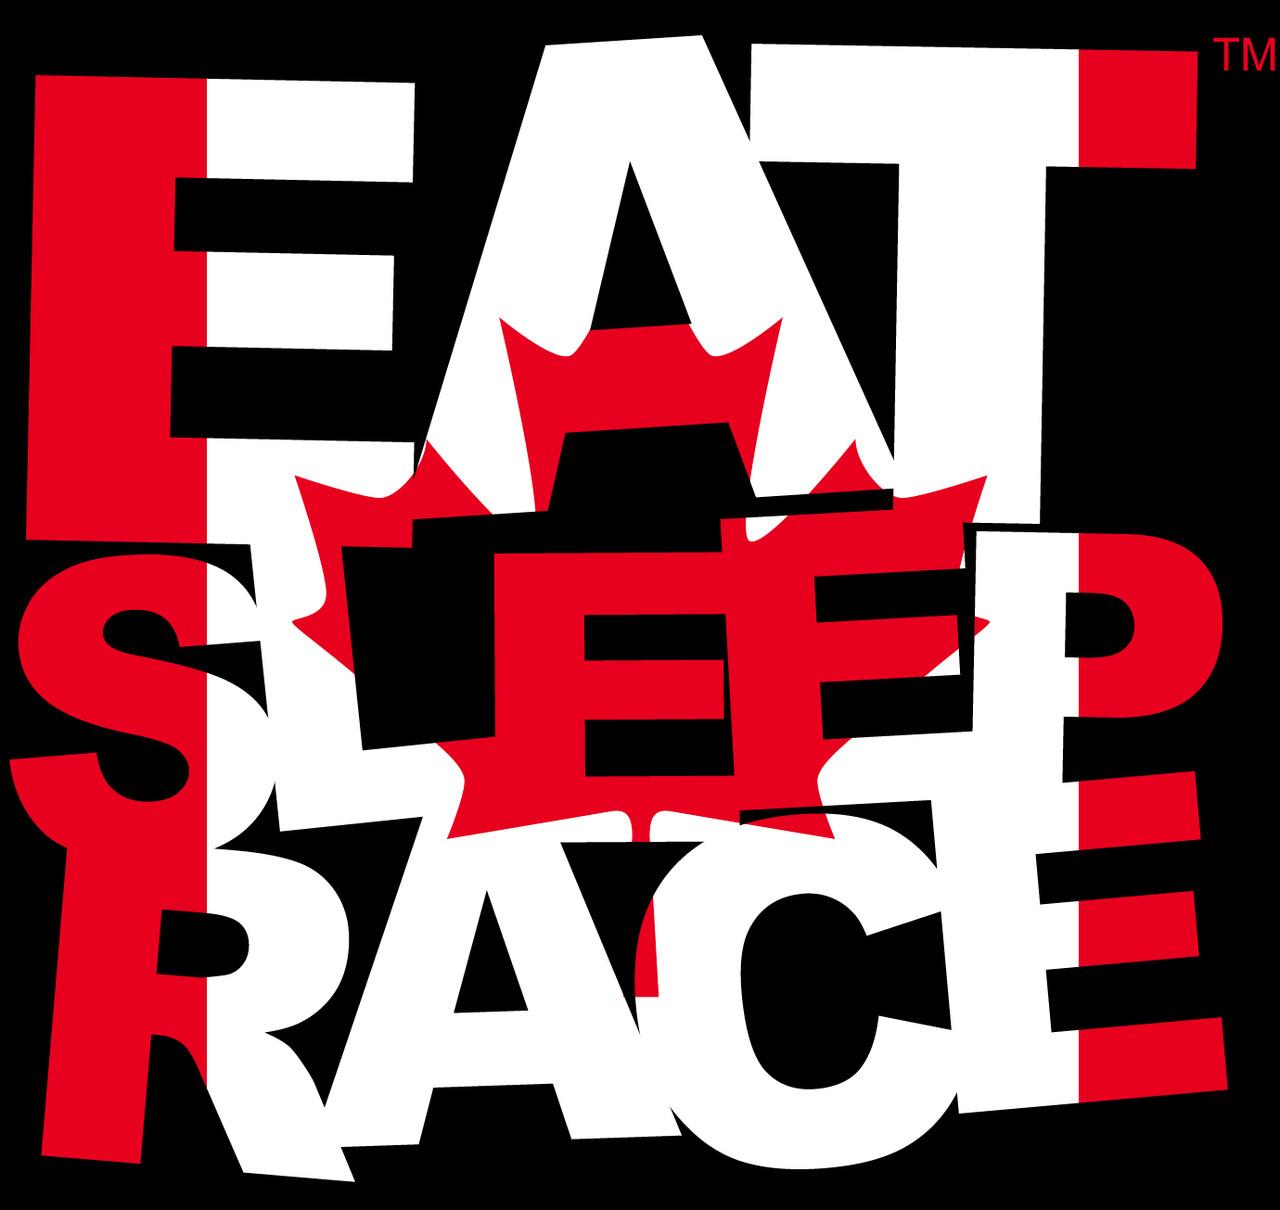 eat sleep race logo - photo #19